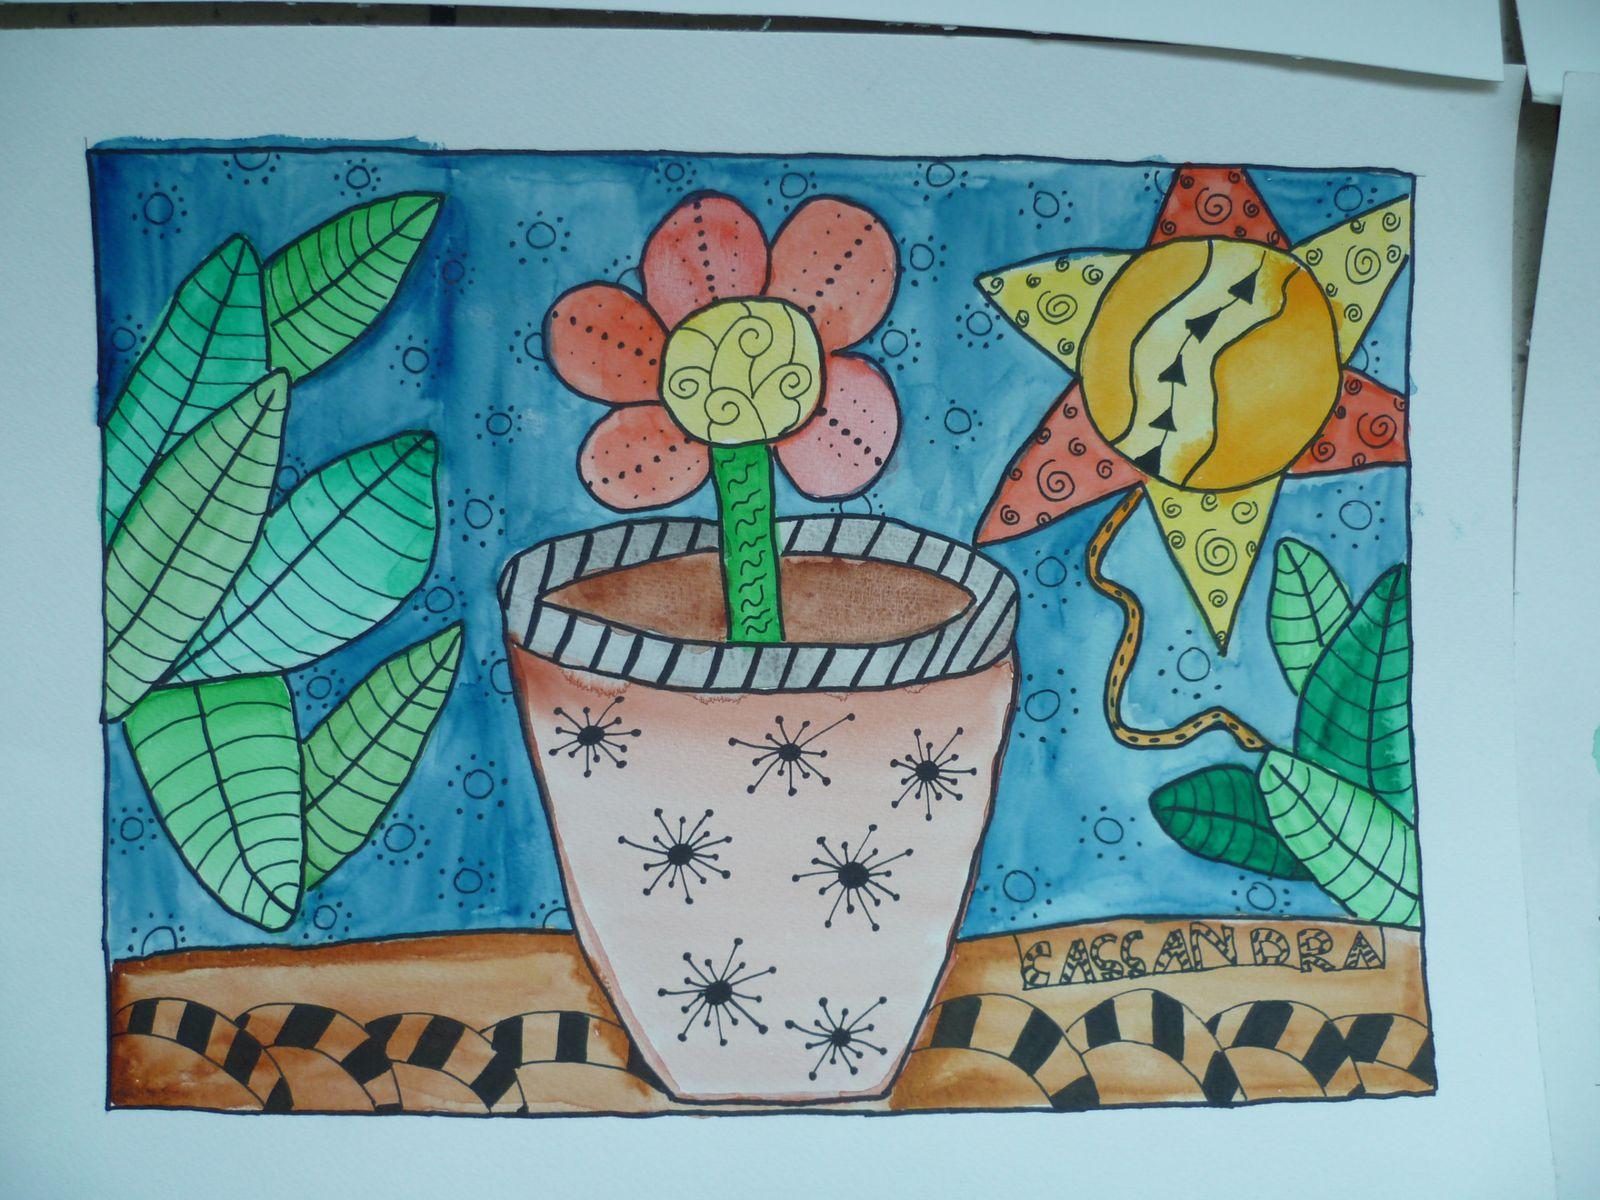 doodlings aquarellés avec des enfants de 10-11 ans